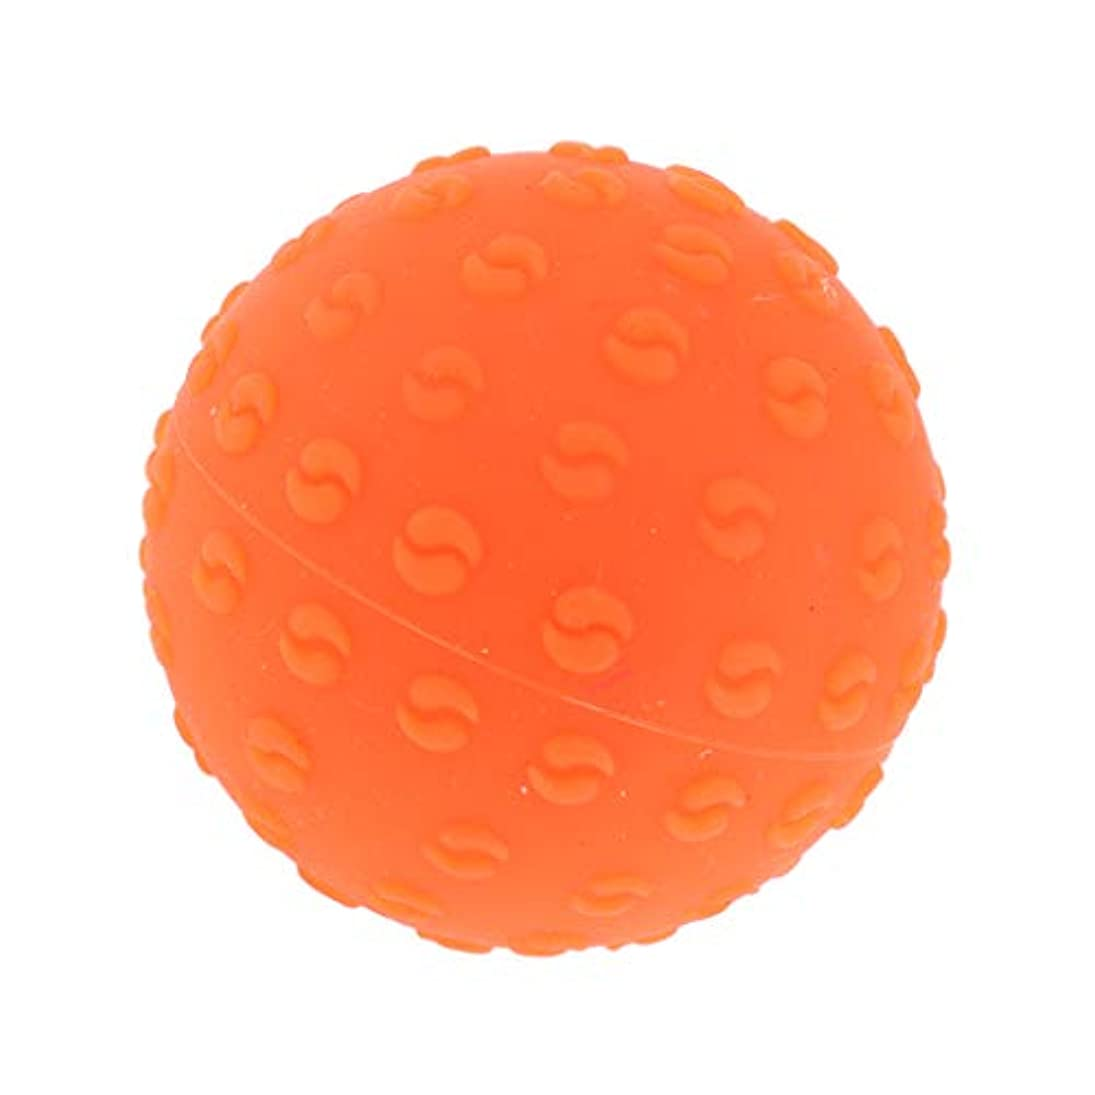 ブラインド超えて露骨なCUTICATE マッサージボール 指圧ボール シリコーン トリガーポイント 足底筋膜炎 ヨガ マッサージ器 全6色 - オレンジ, 説明のとおり